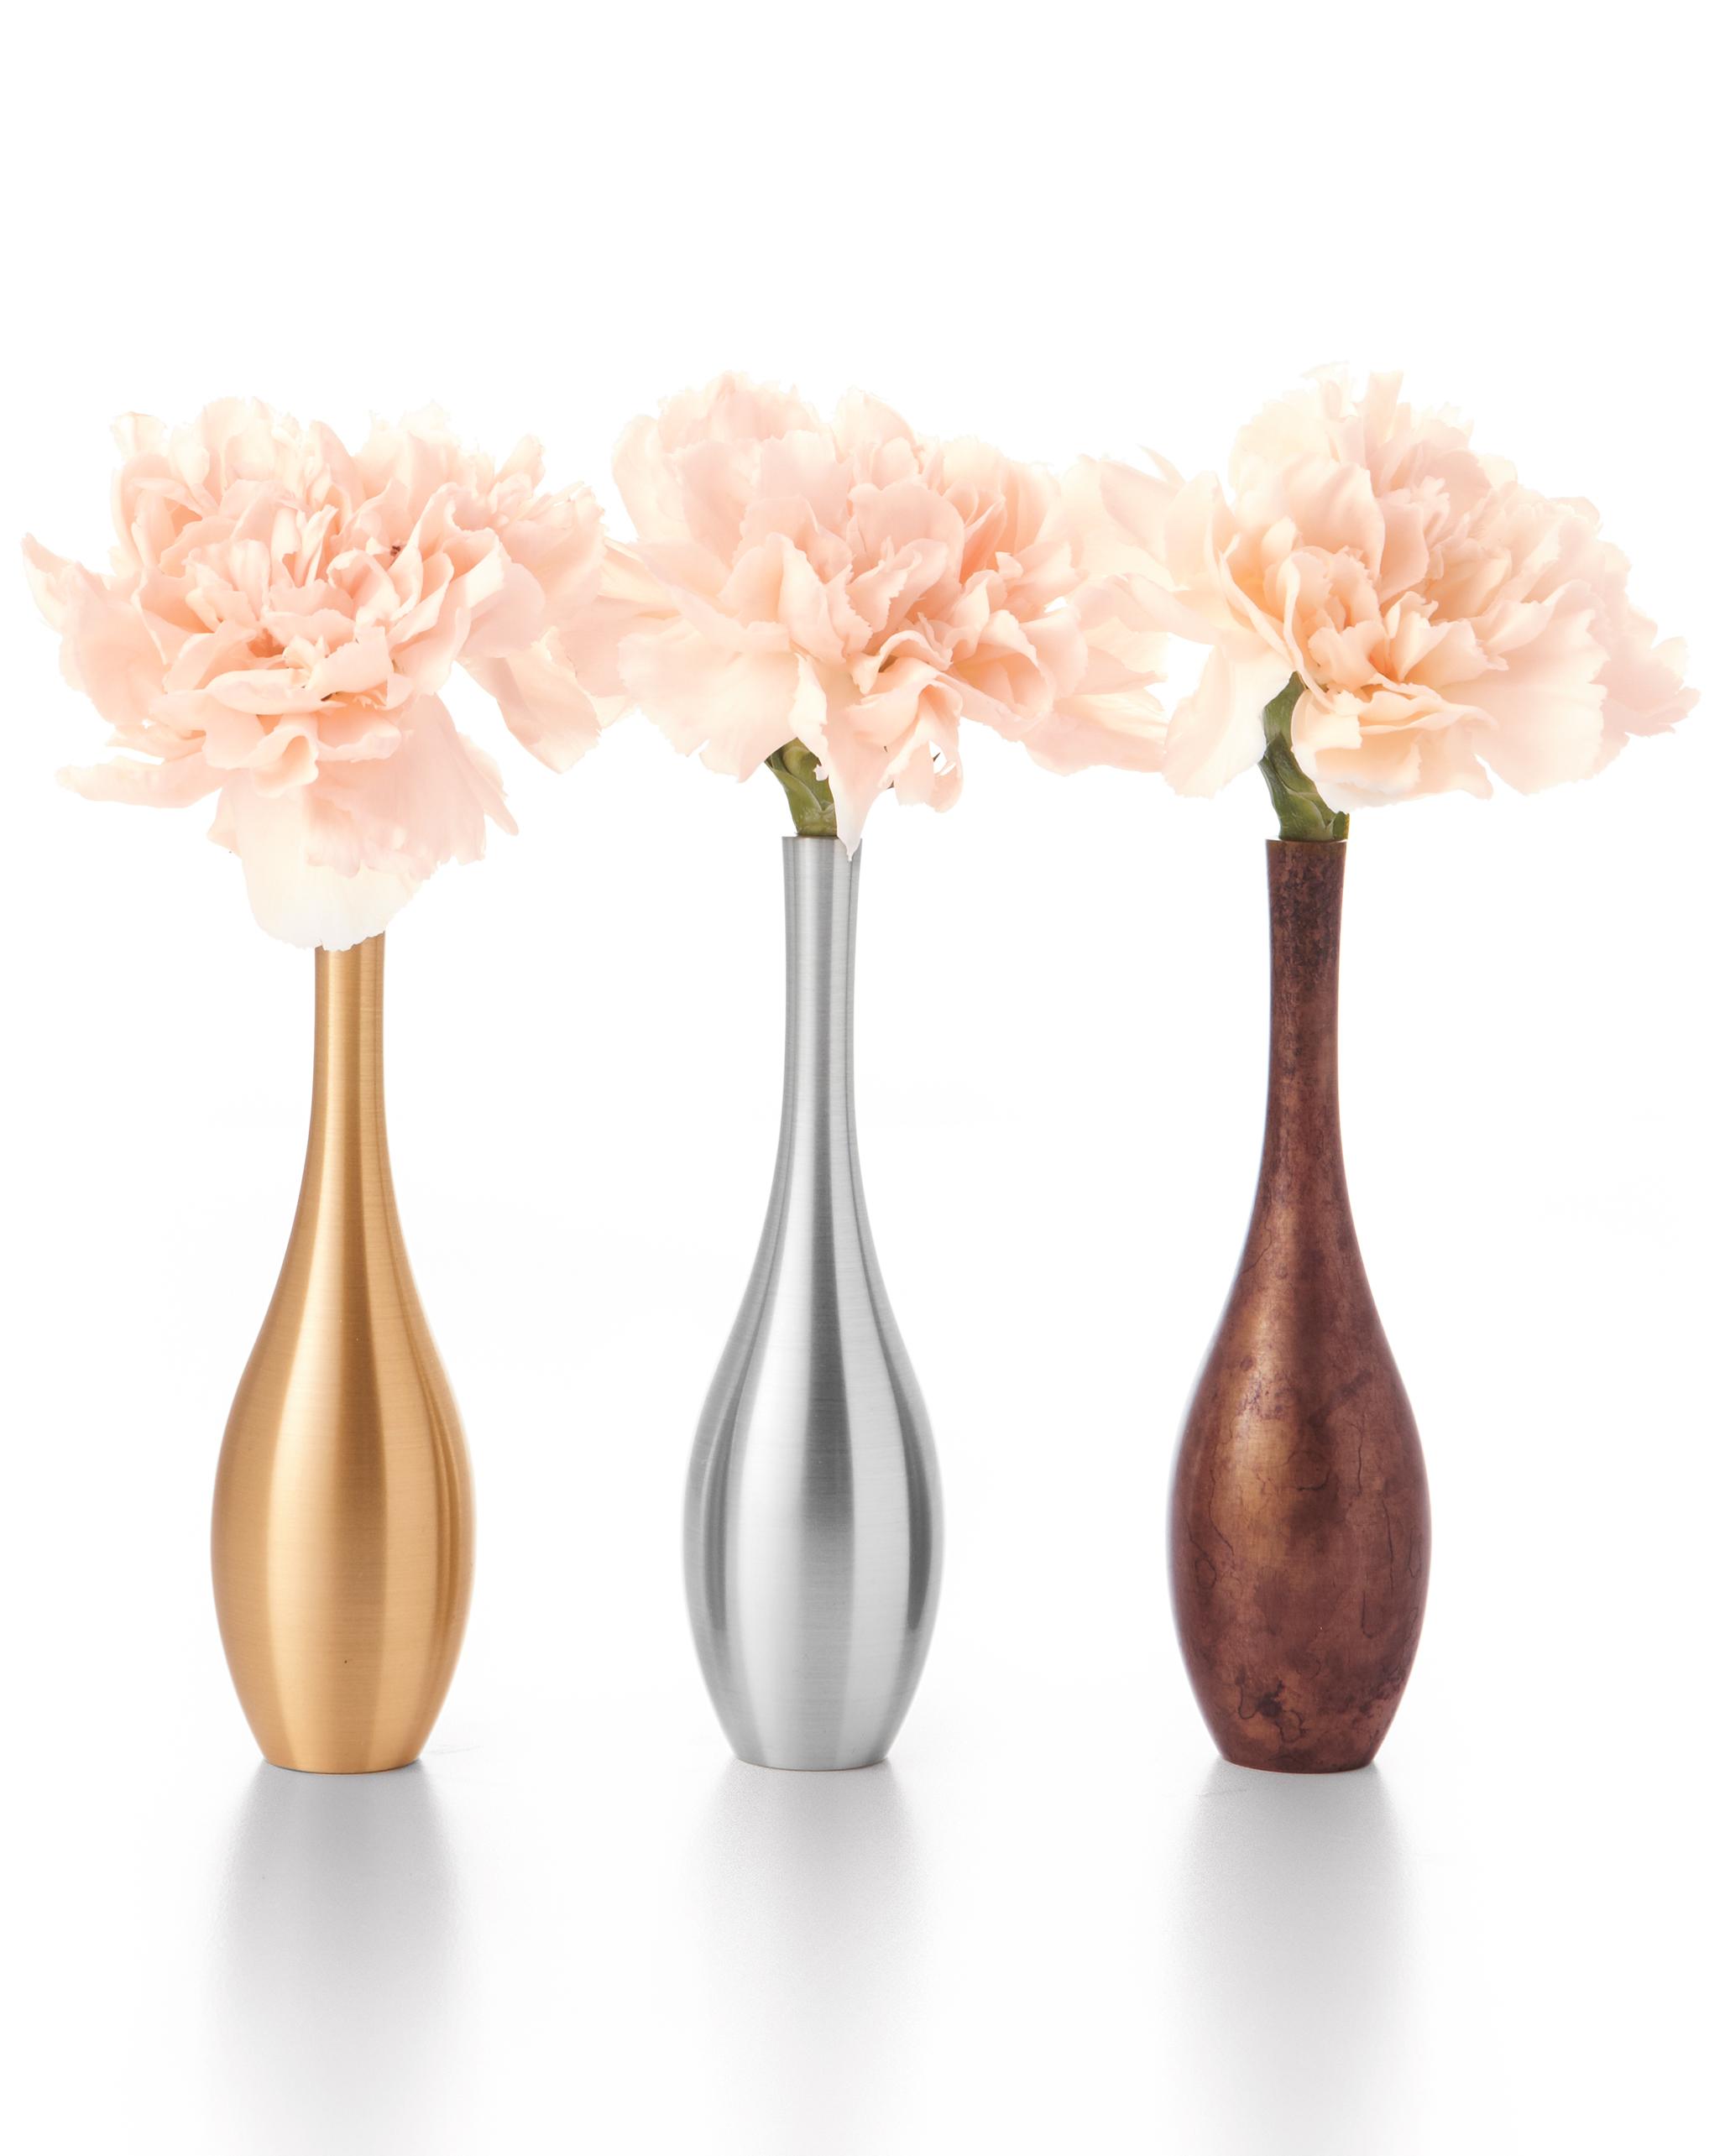 vases-236-mwd110612.jpg